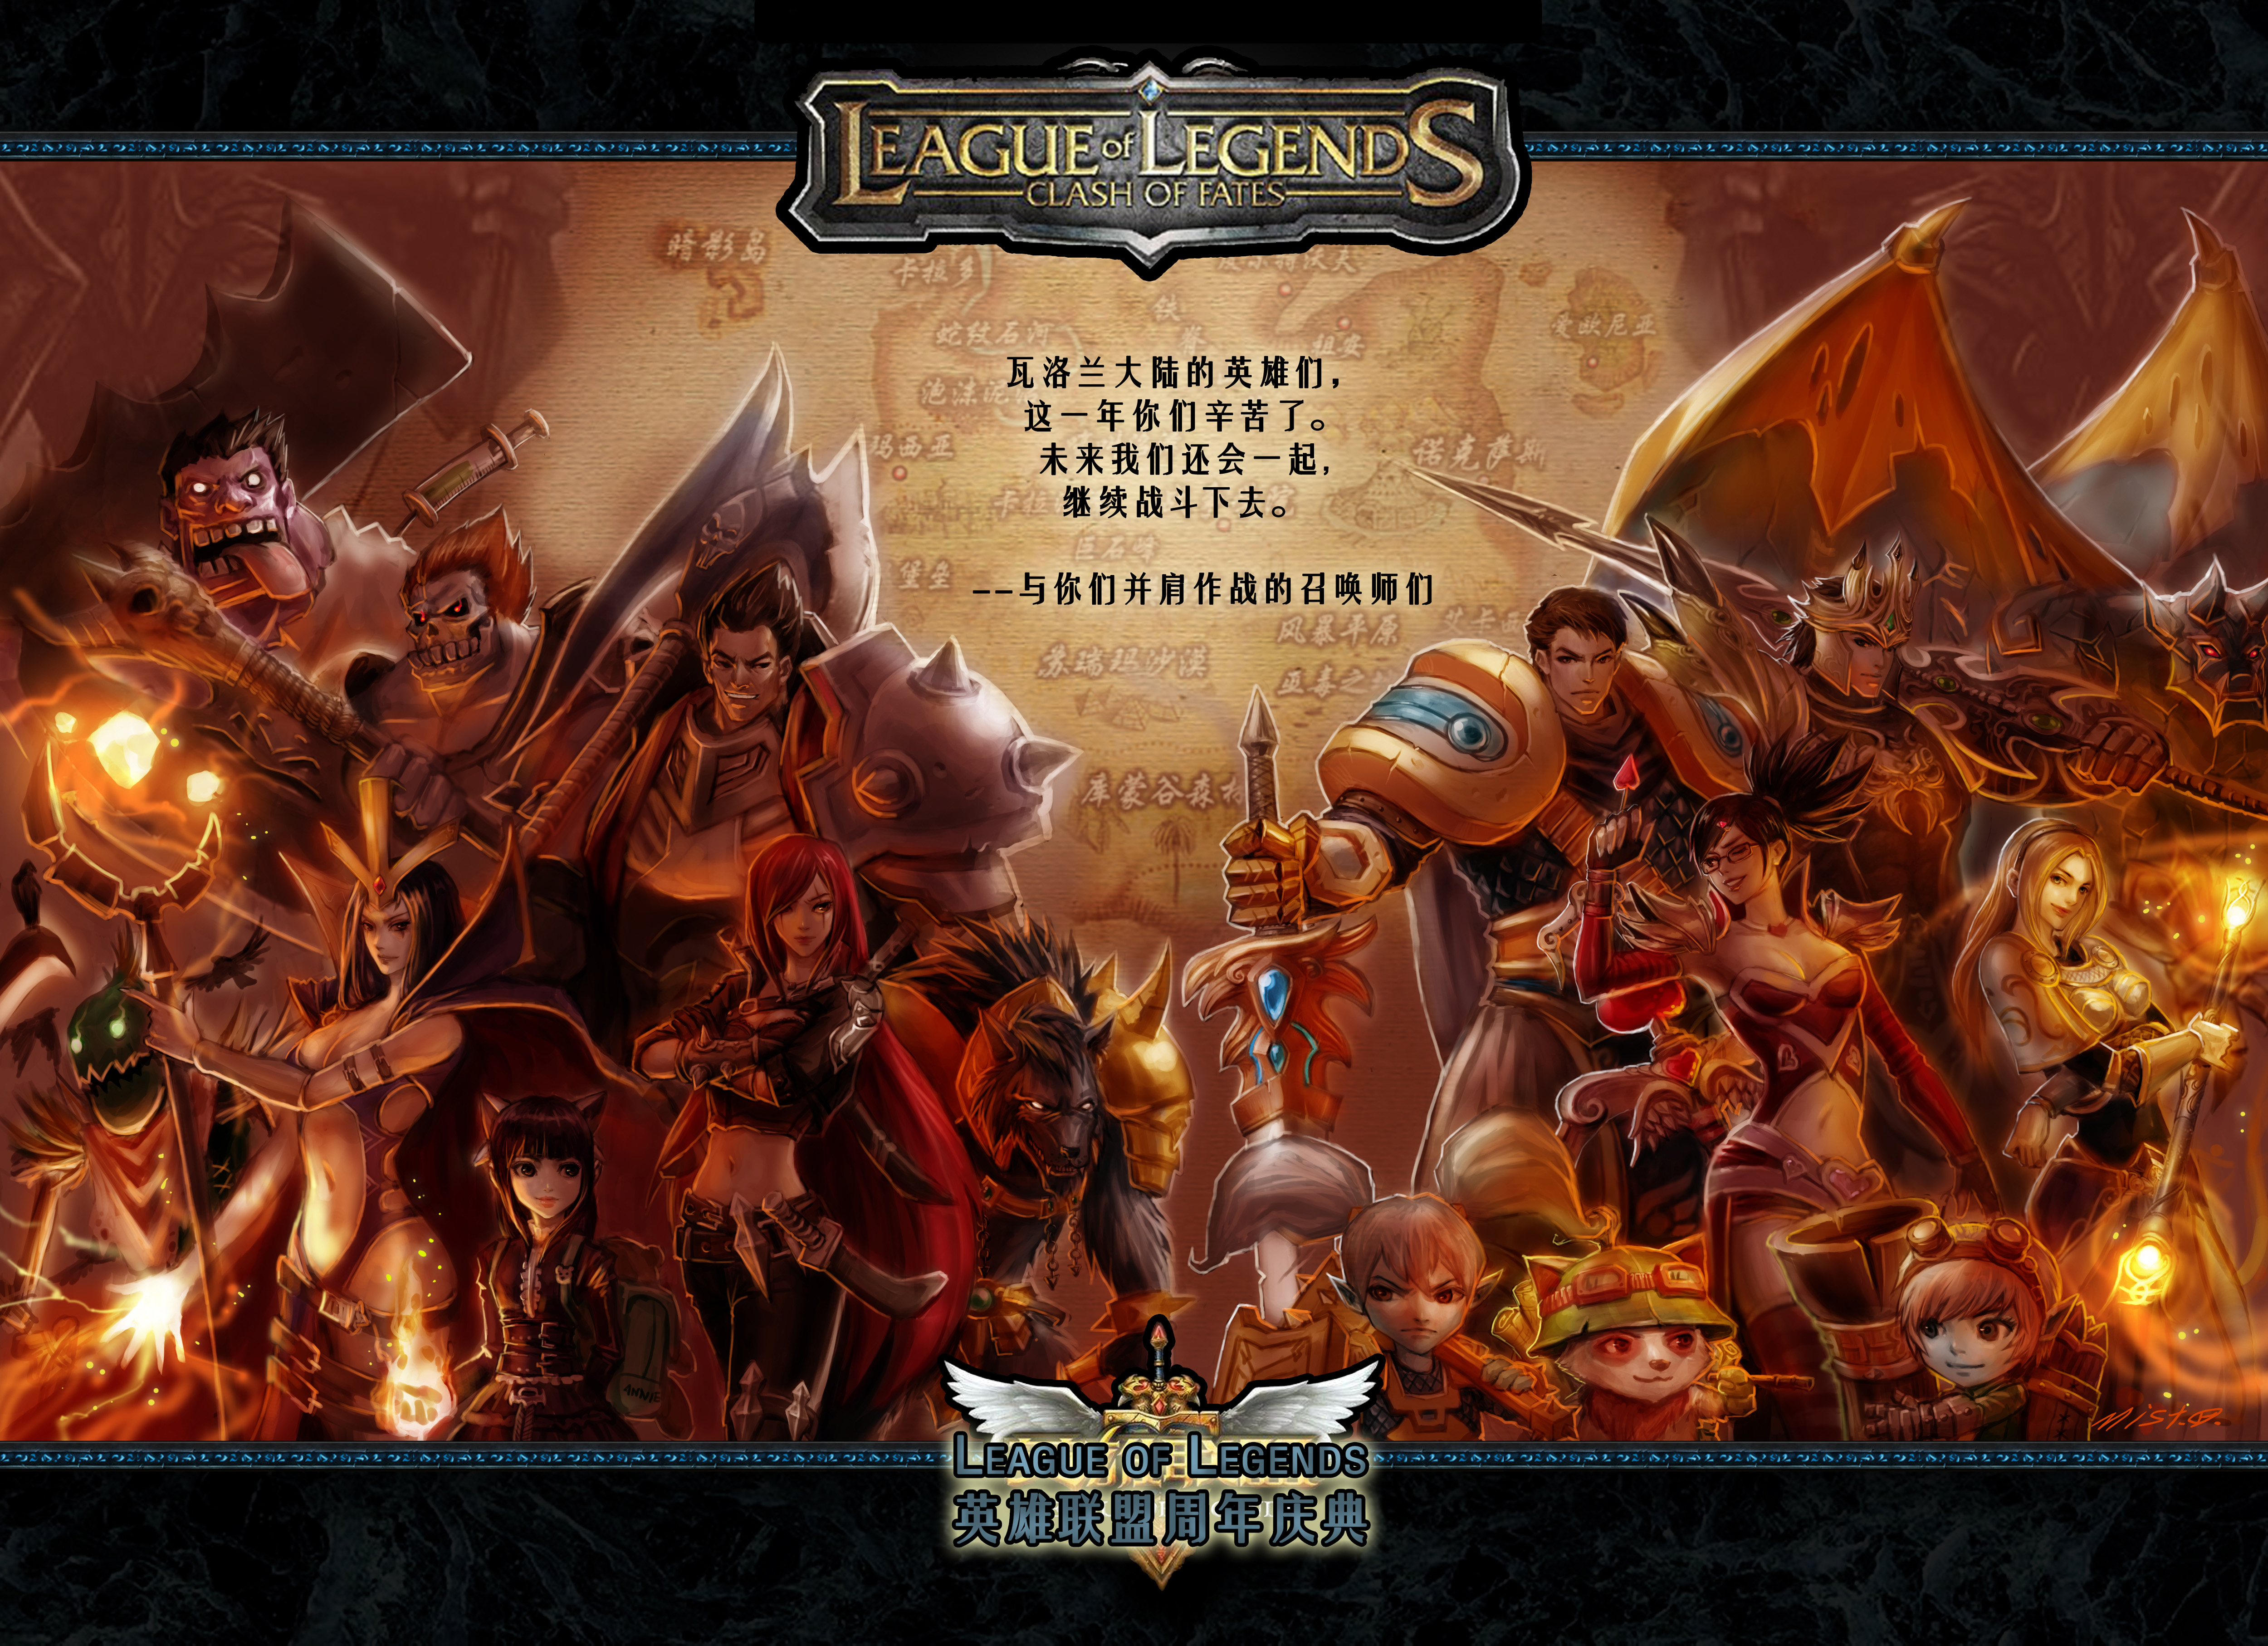 View Fullsize League Of Legends Image